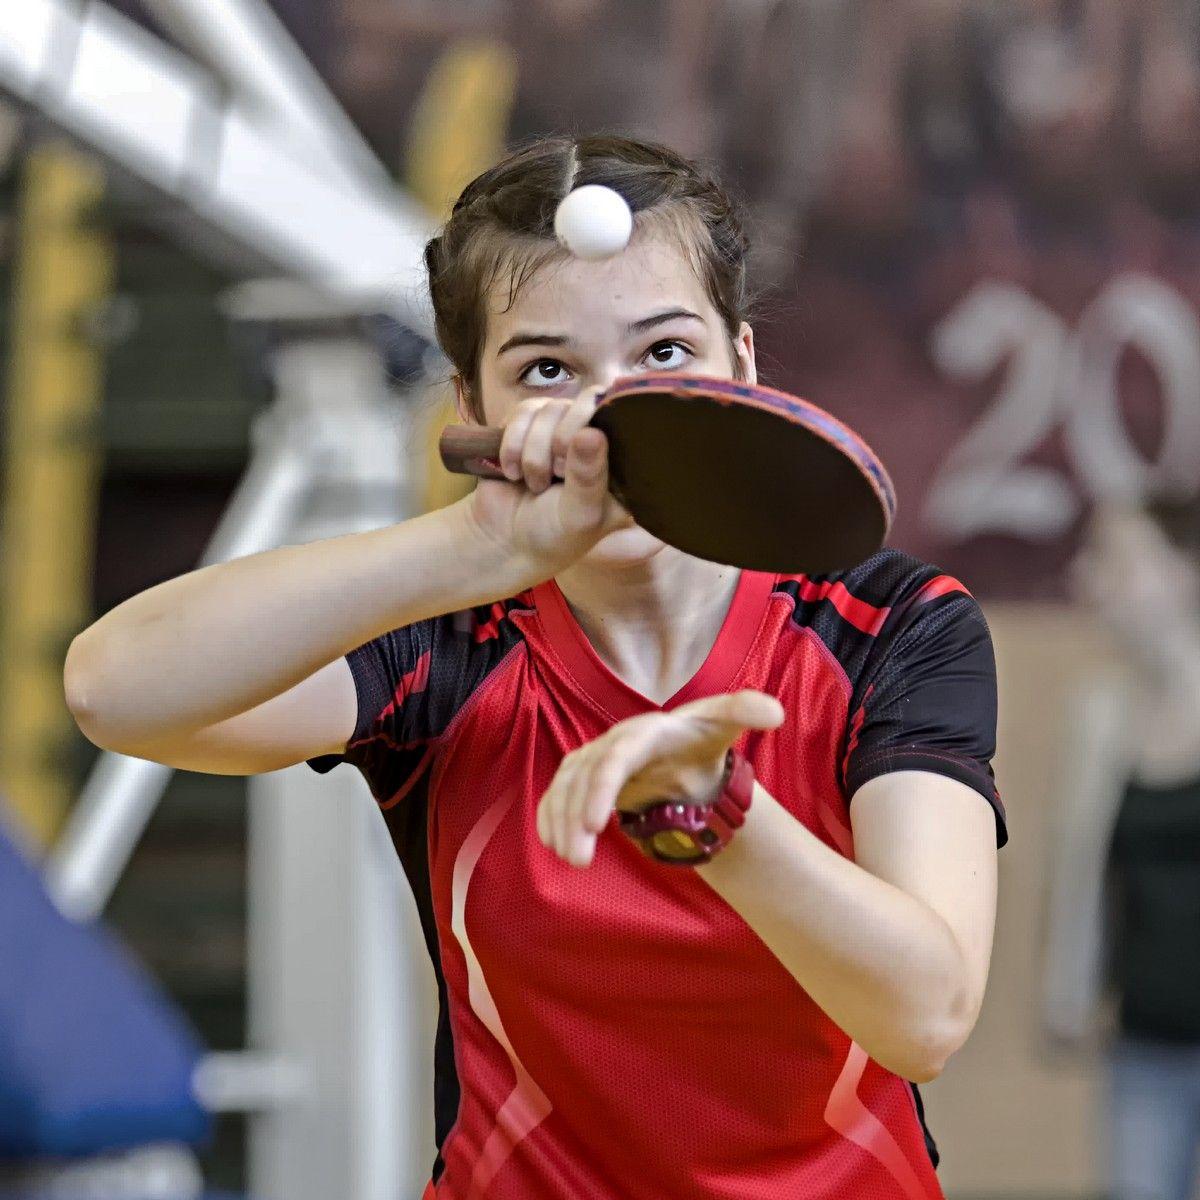 Ты лети, лети, лепесток... (с) настольный теннис пинг-понг спорт table tennis ping-pong sport girl